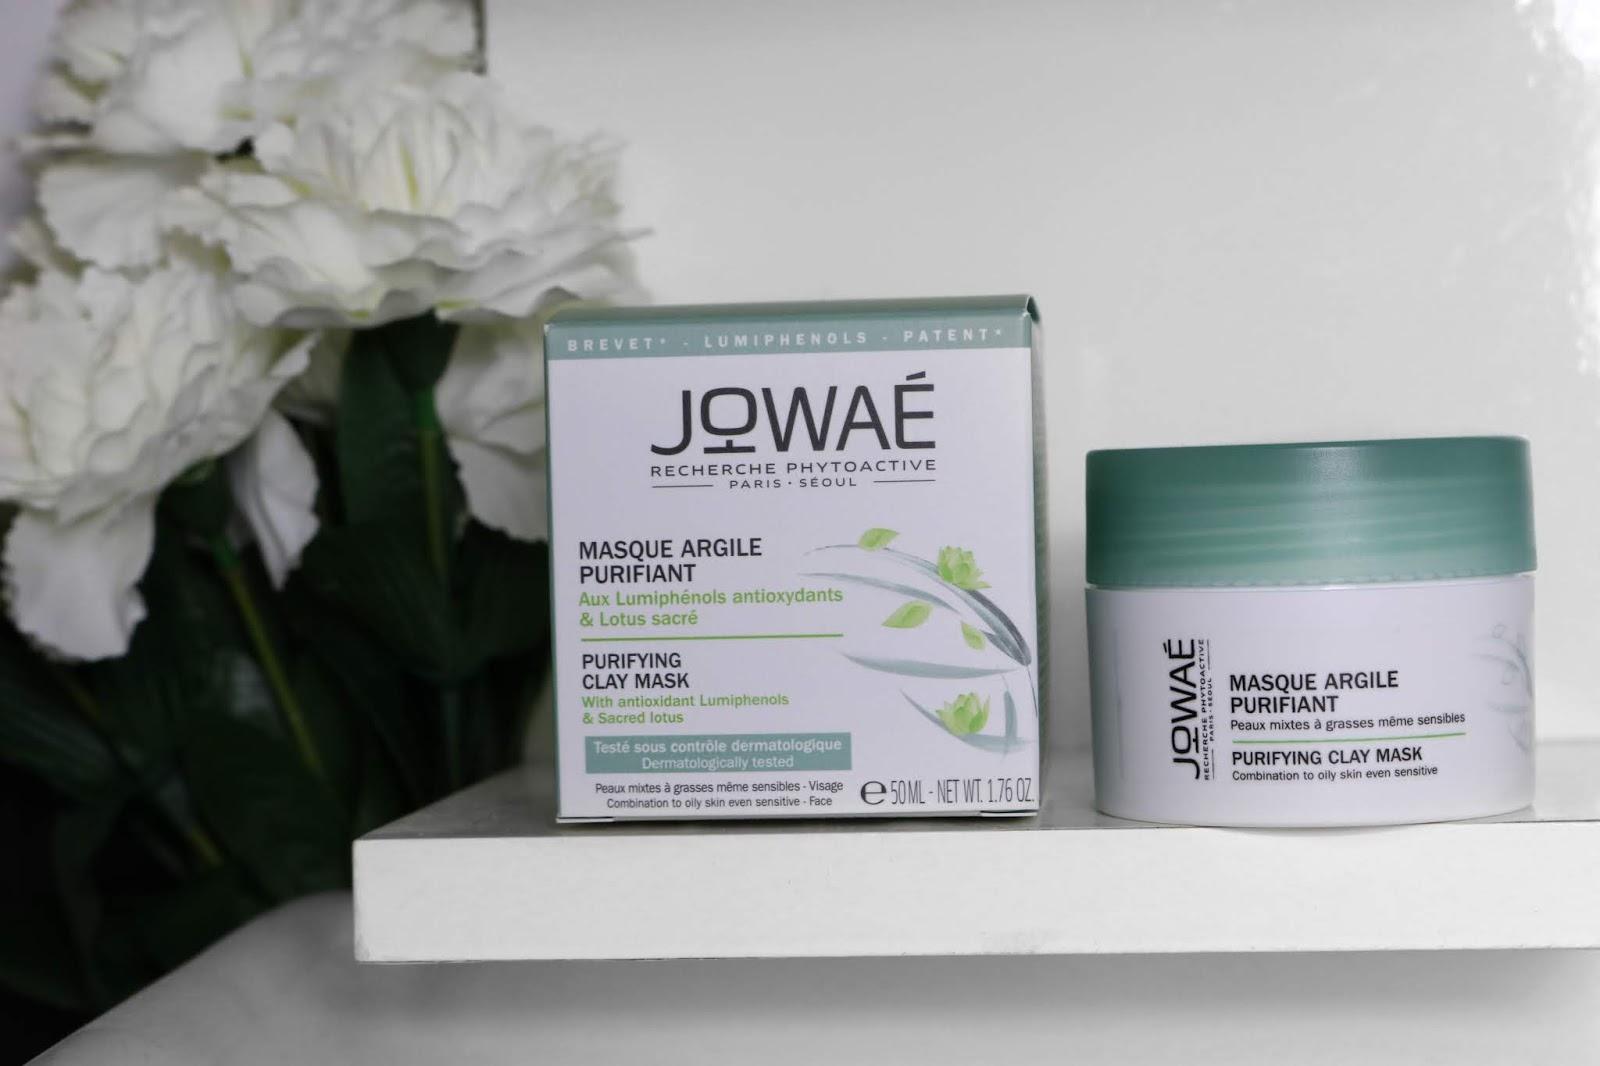 jowae purifying clay mask